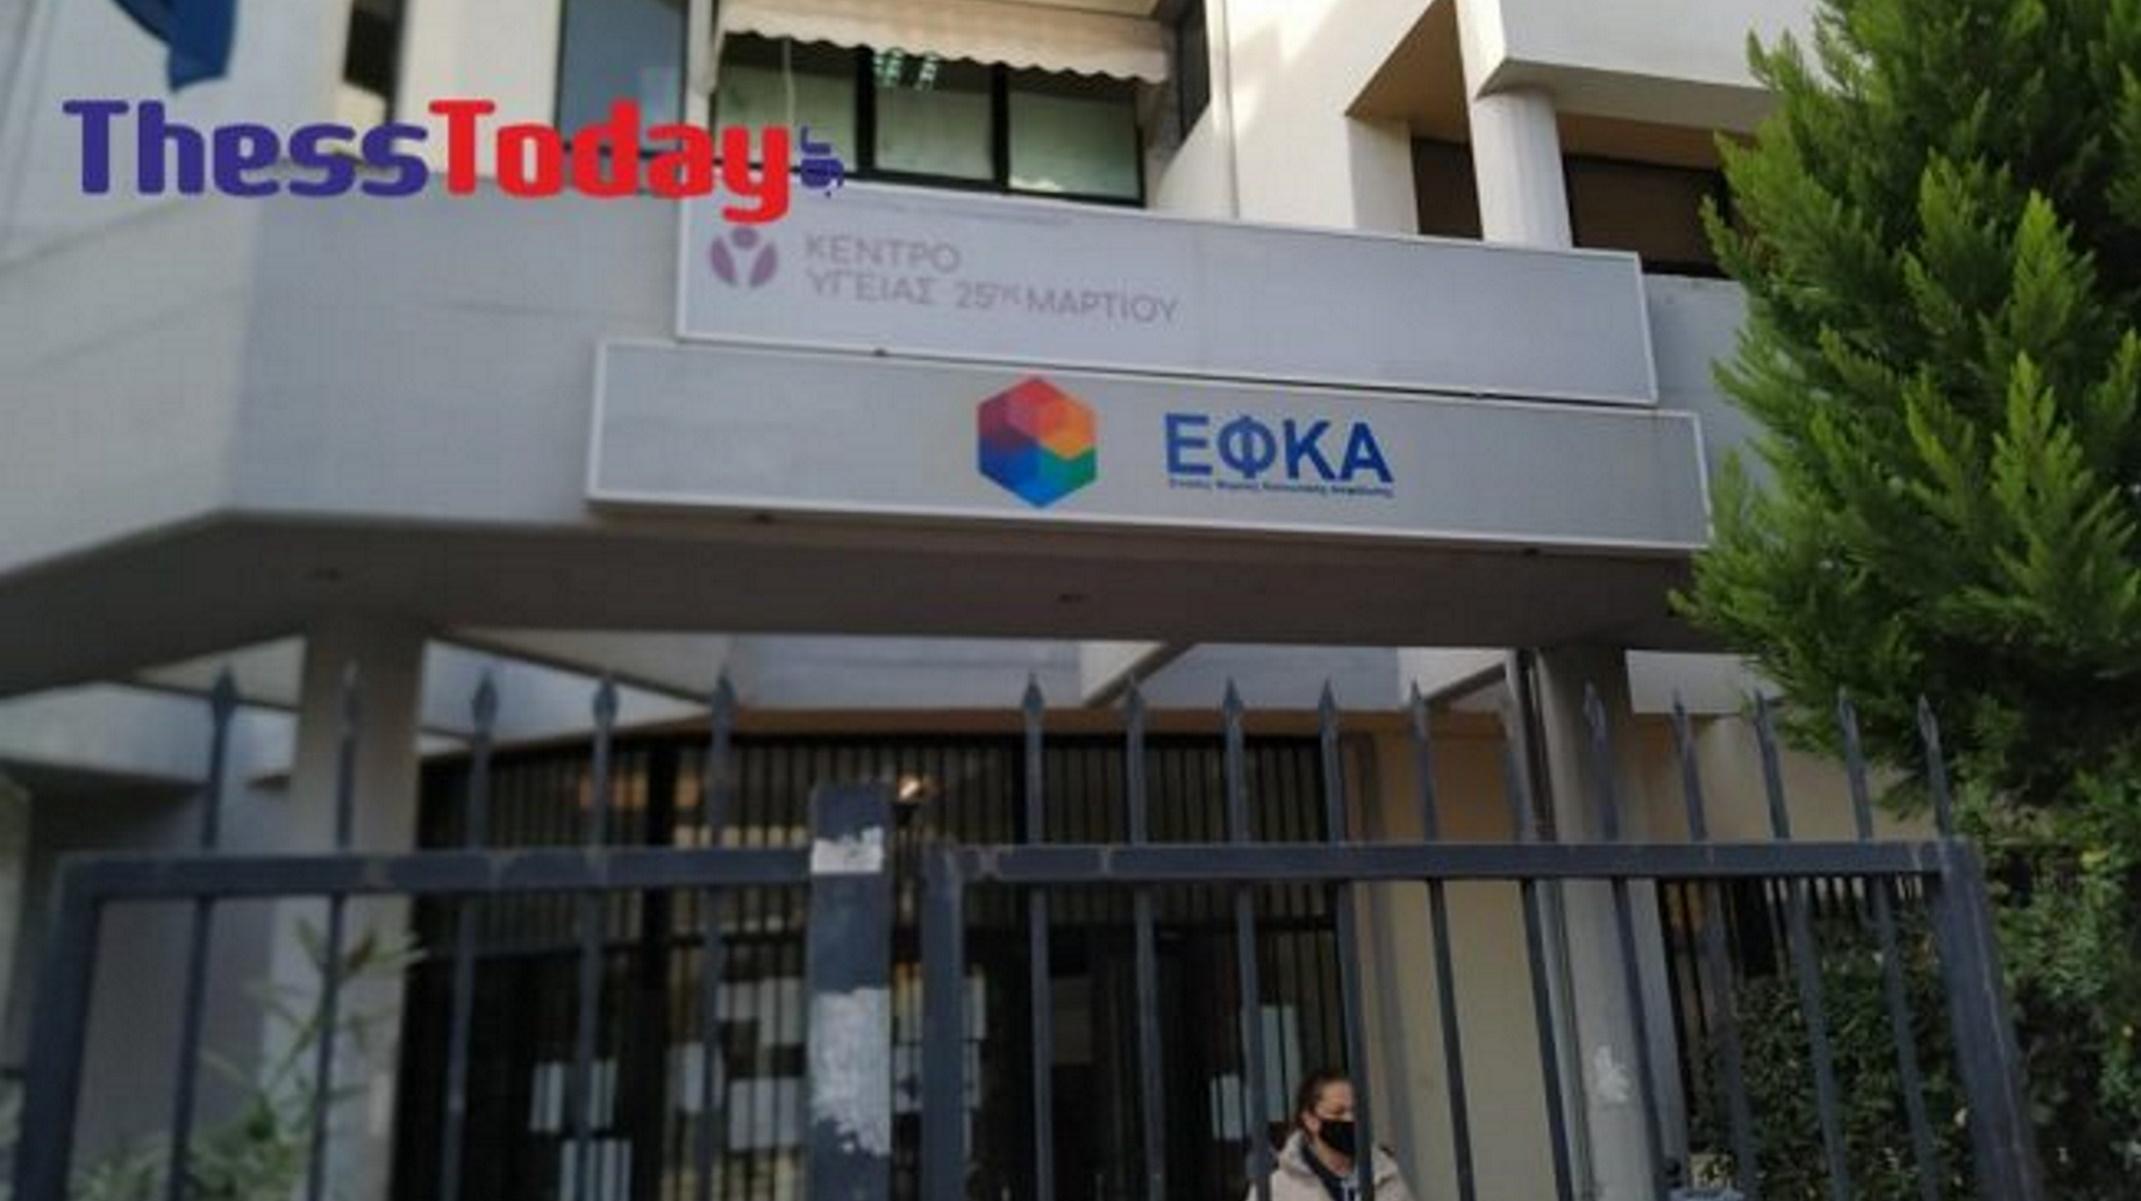 190 εμβολιαστικά κέντρα στη Θεσσαλονίκη: Πώς θα γίνεται ο εμβολιασμός (pics)